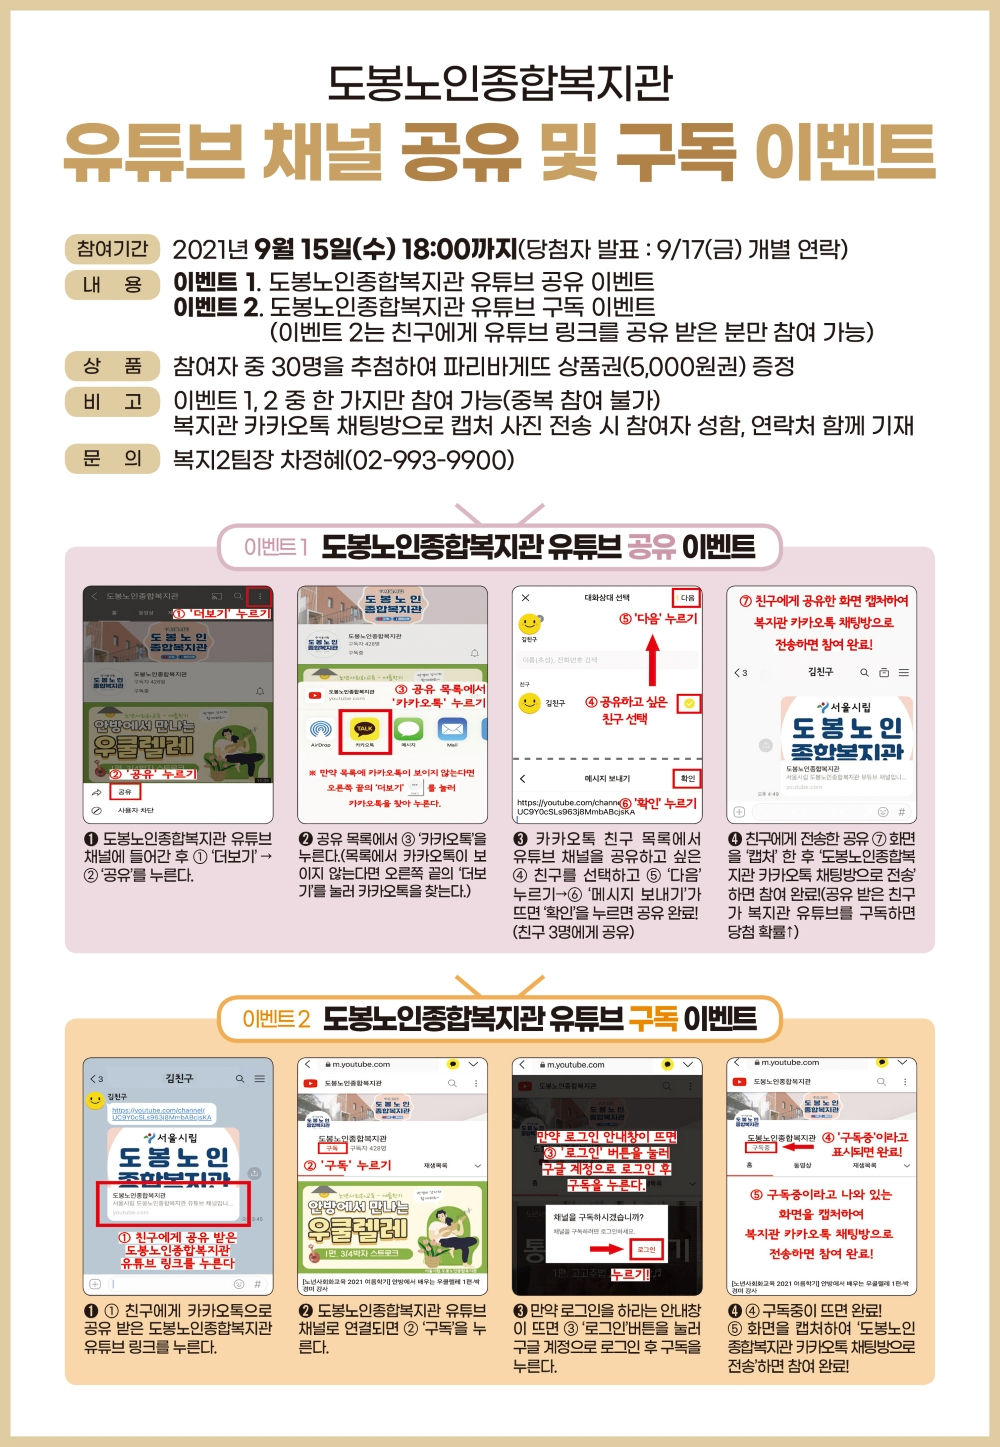 (이벤트) 도봉노인종합복지관 유튜브 구독, 공유 이벤트.jpg